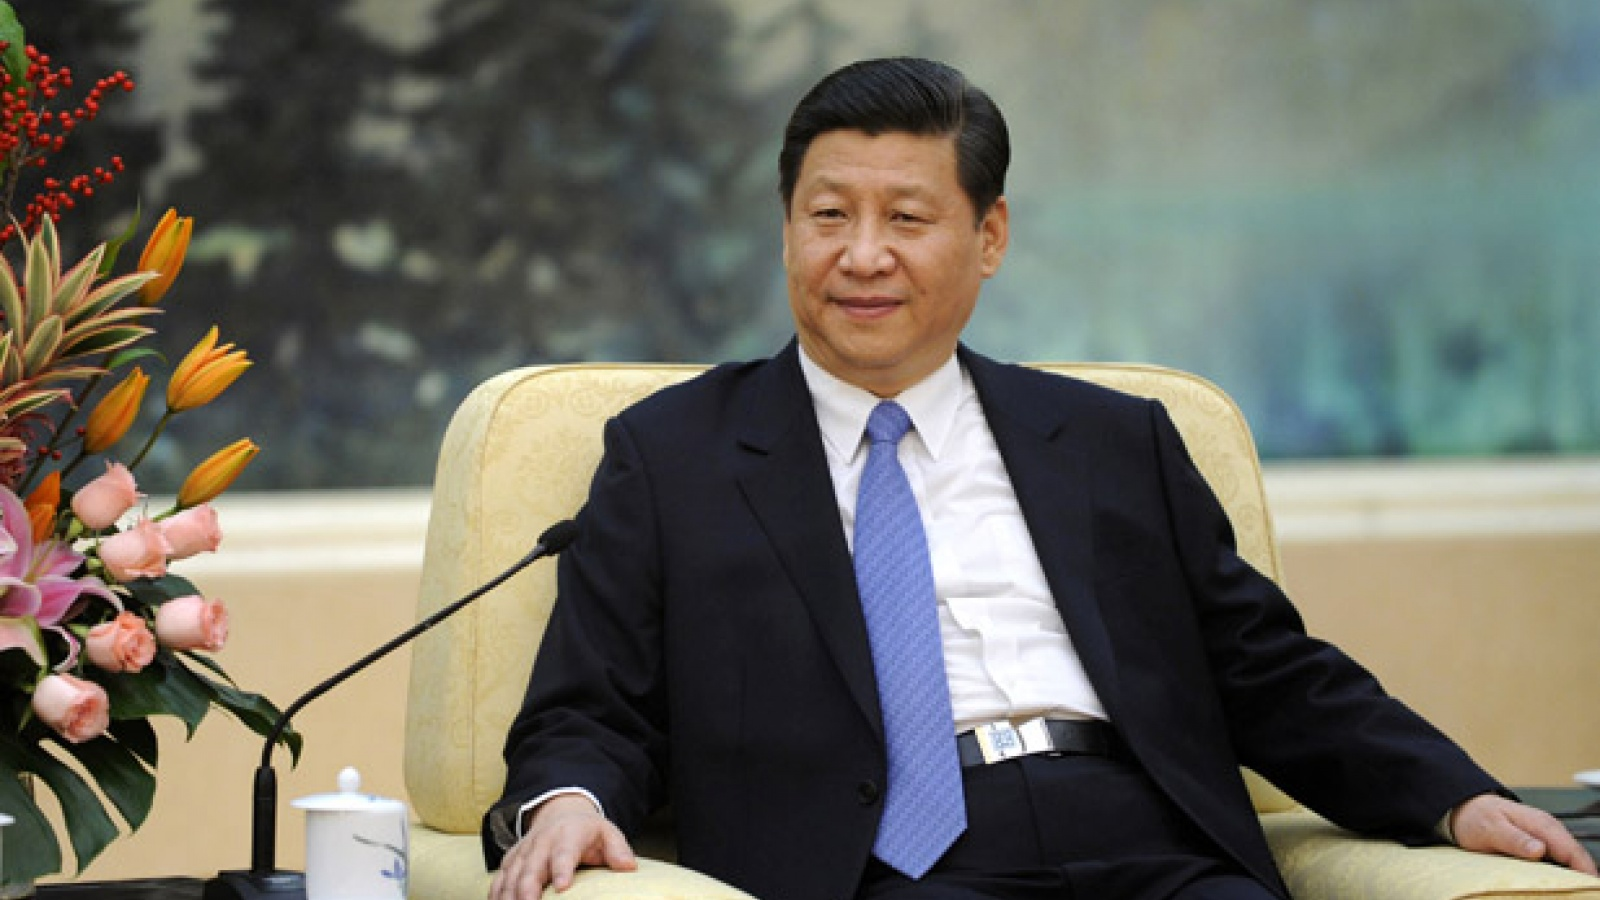 Le président chinois Xi Jinping, aussi puissant que Mao